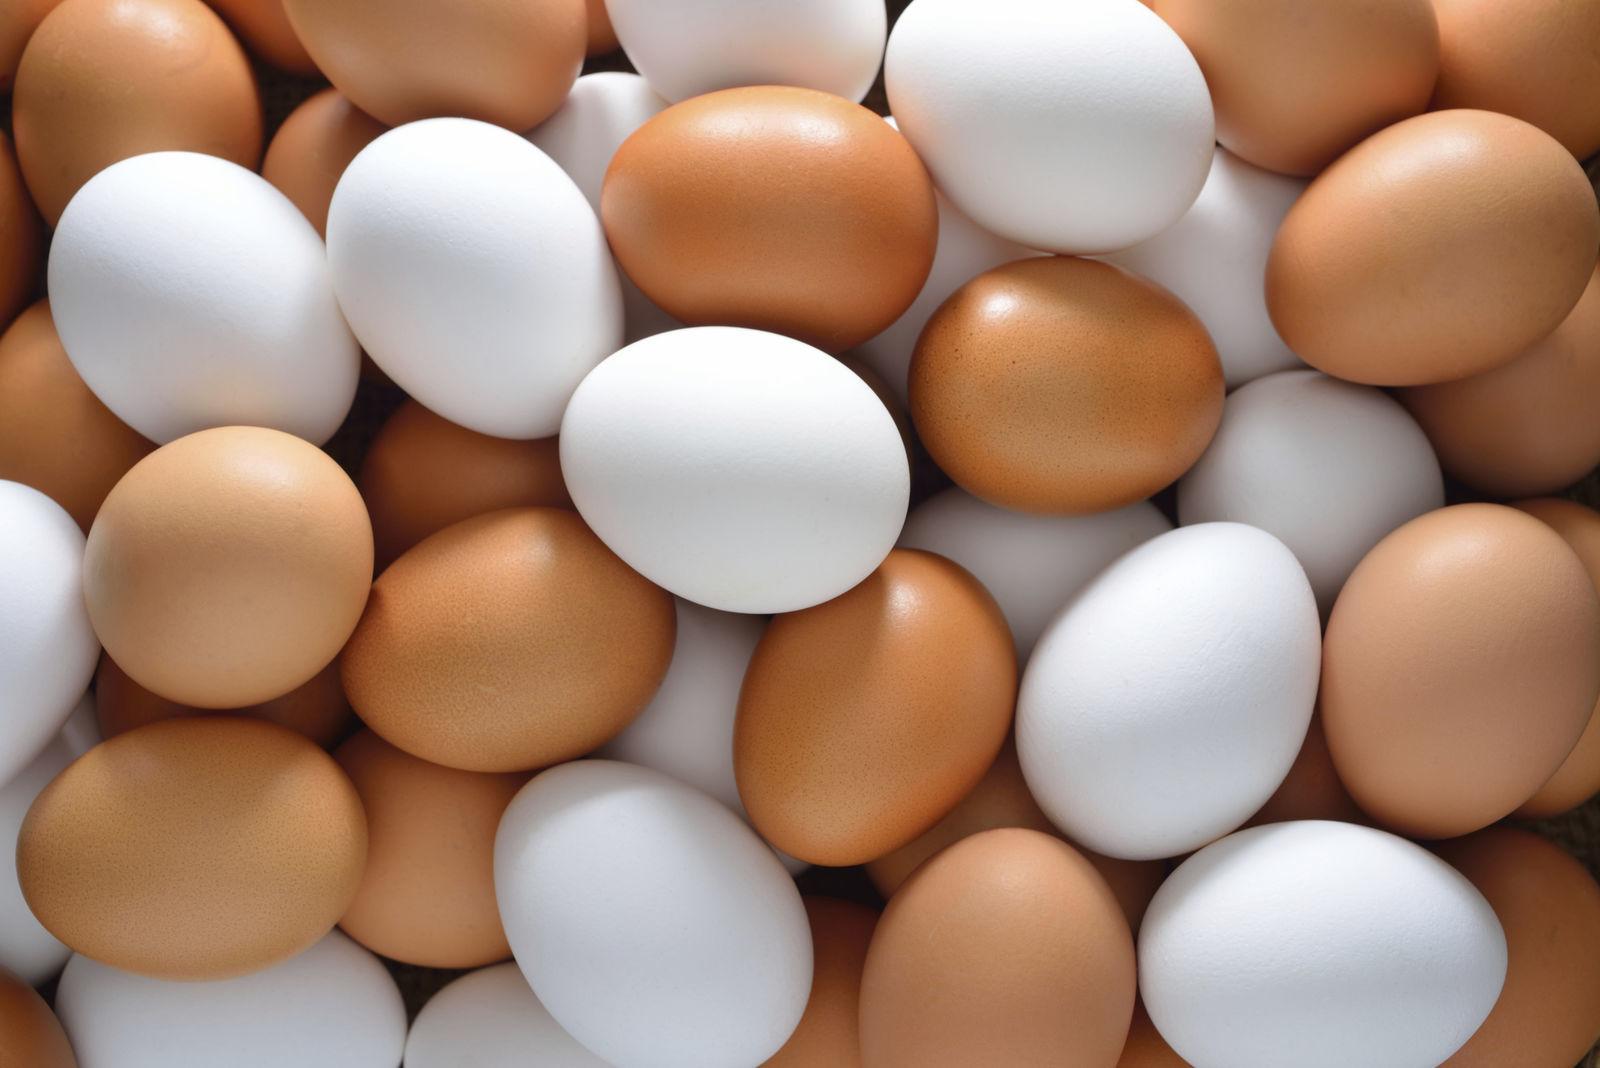 Mikor vezessük be a tojást a baba étrendjébe?